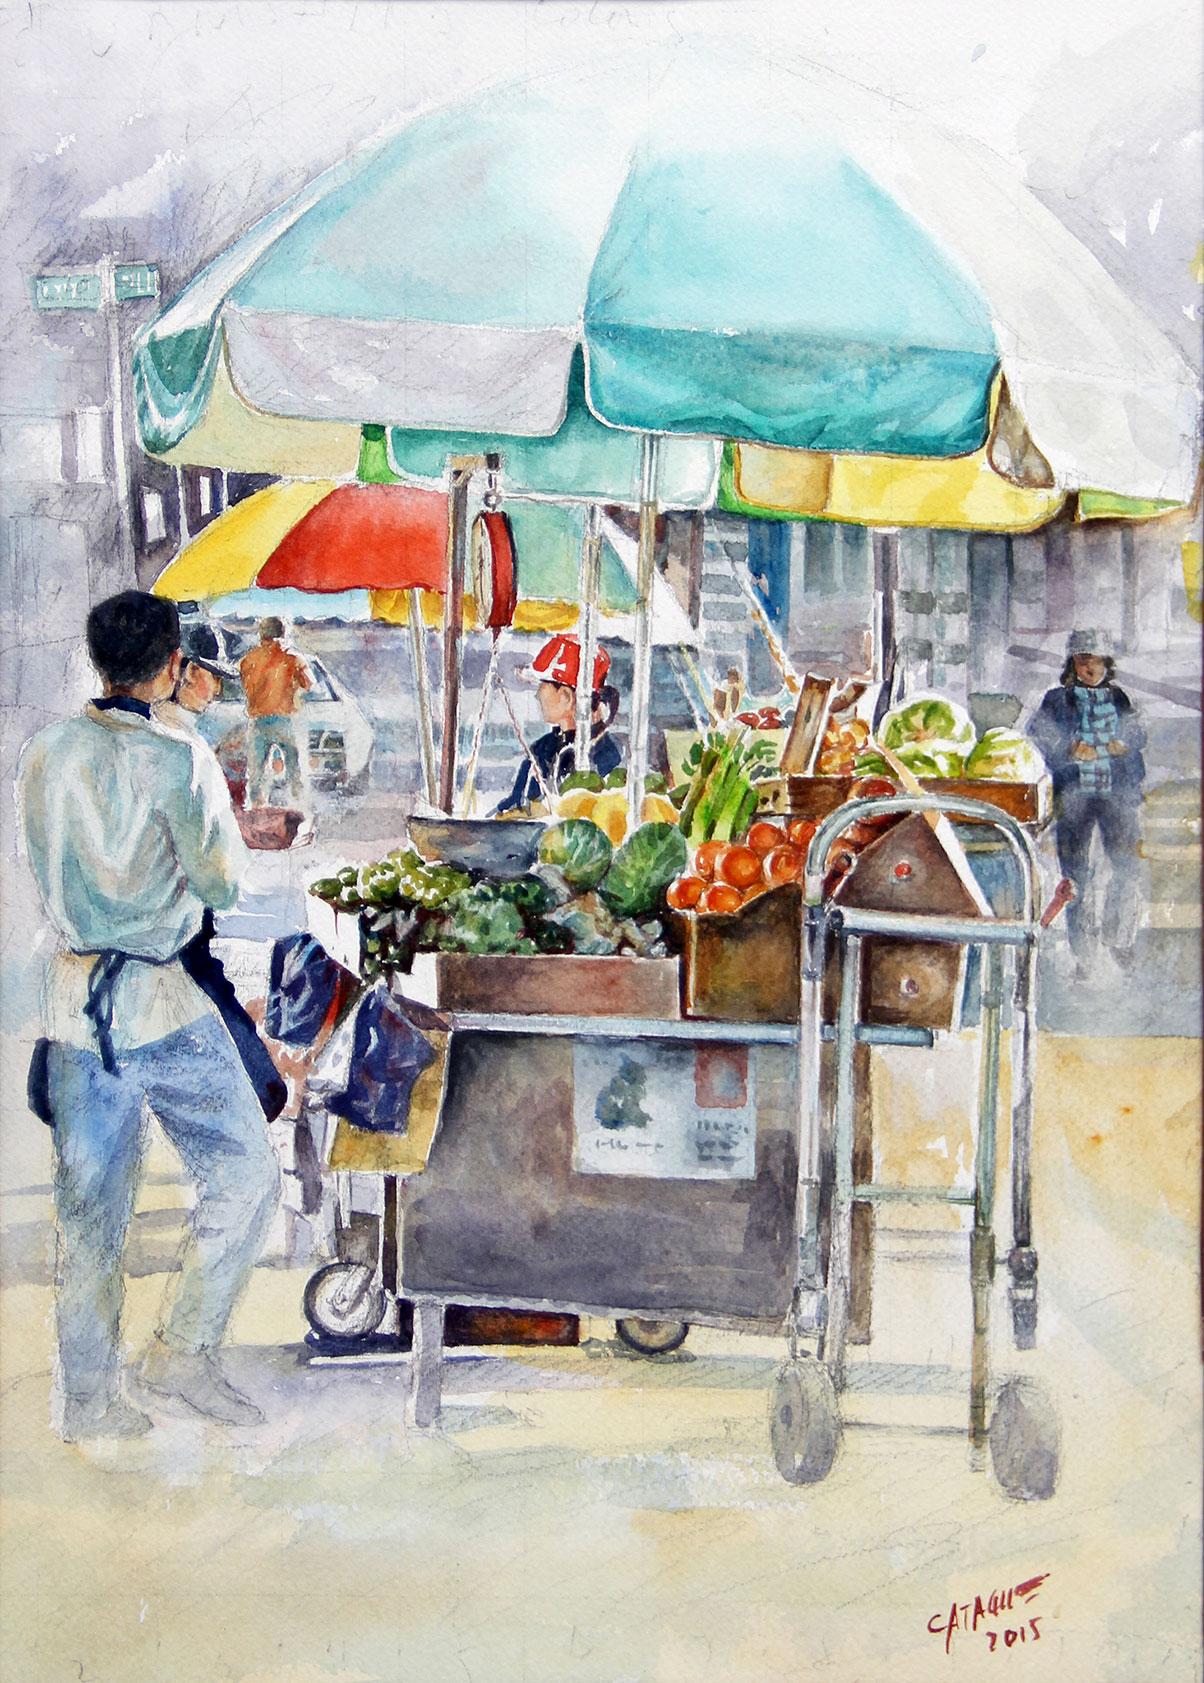 Fernando Catague, Sidewalk Vendor